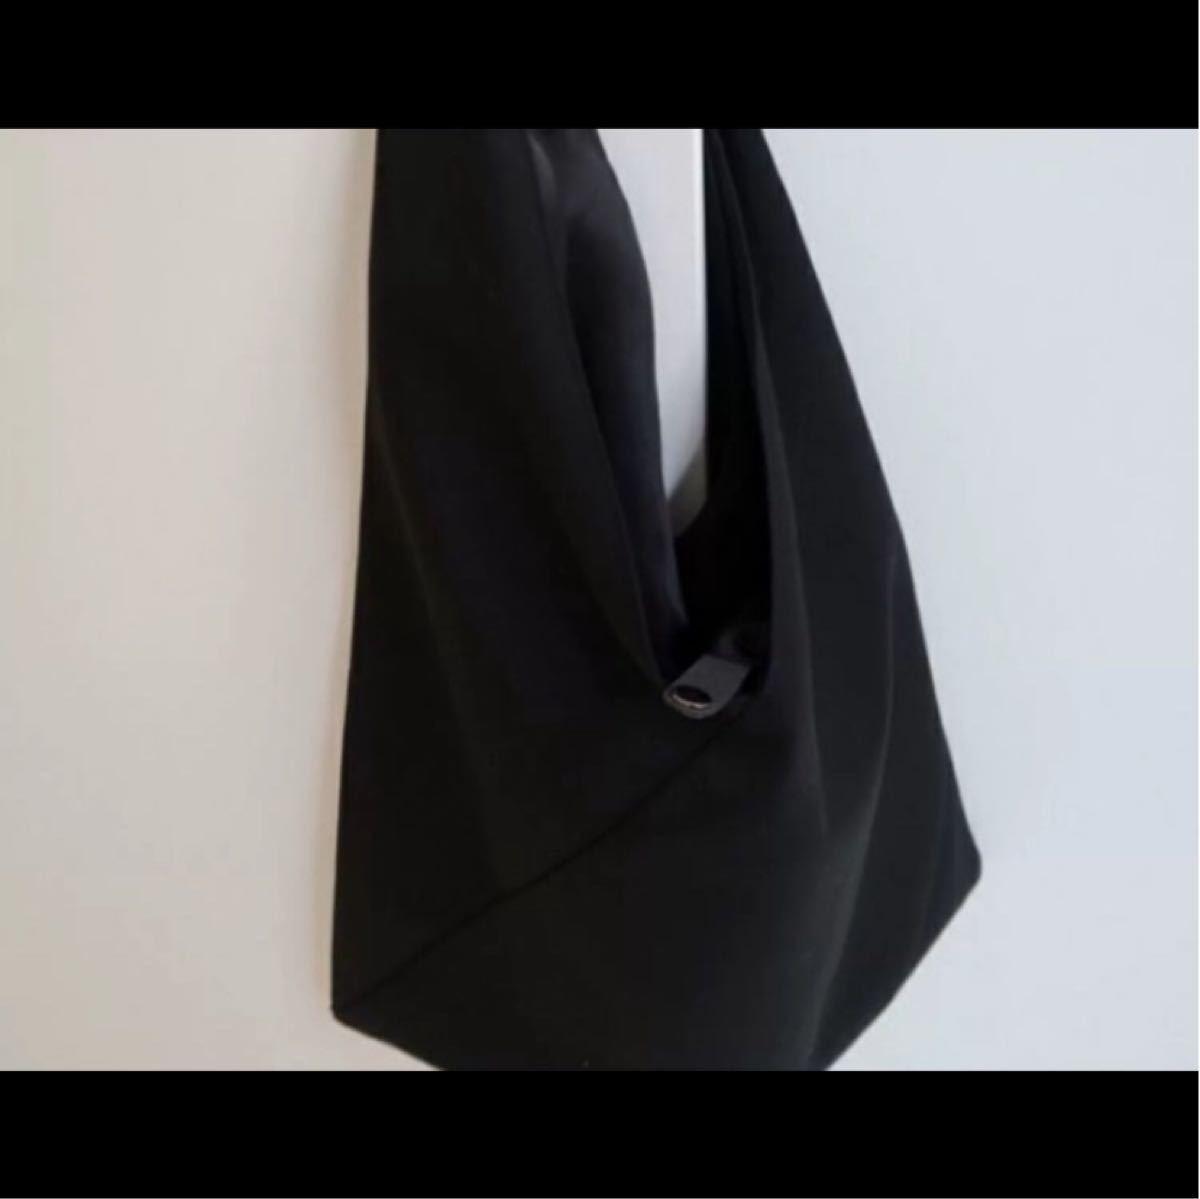 トートバッグ ショルダーバッグ シンプル 大容量 エコバッグ 黒 マザーズバック